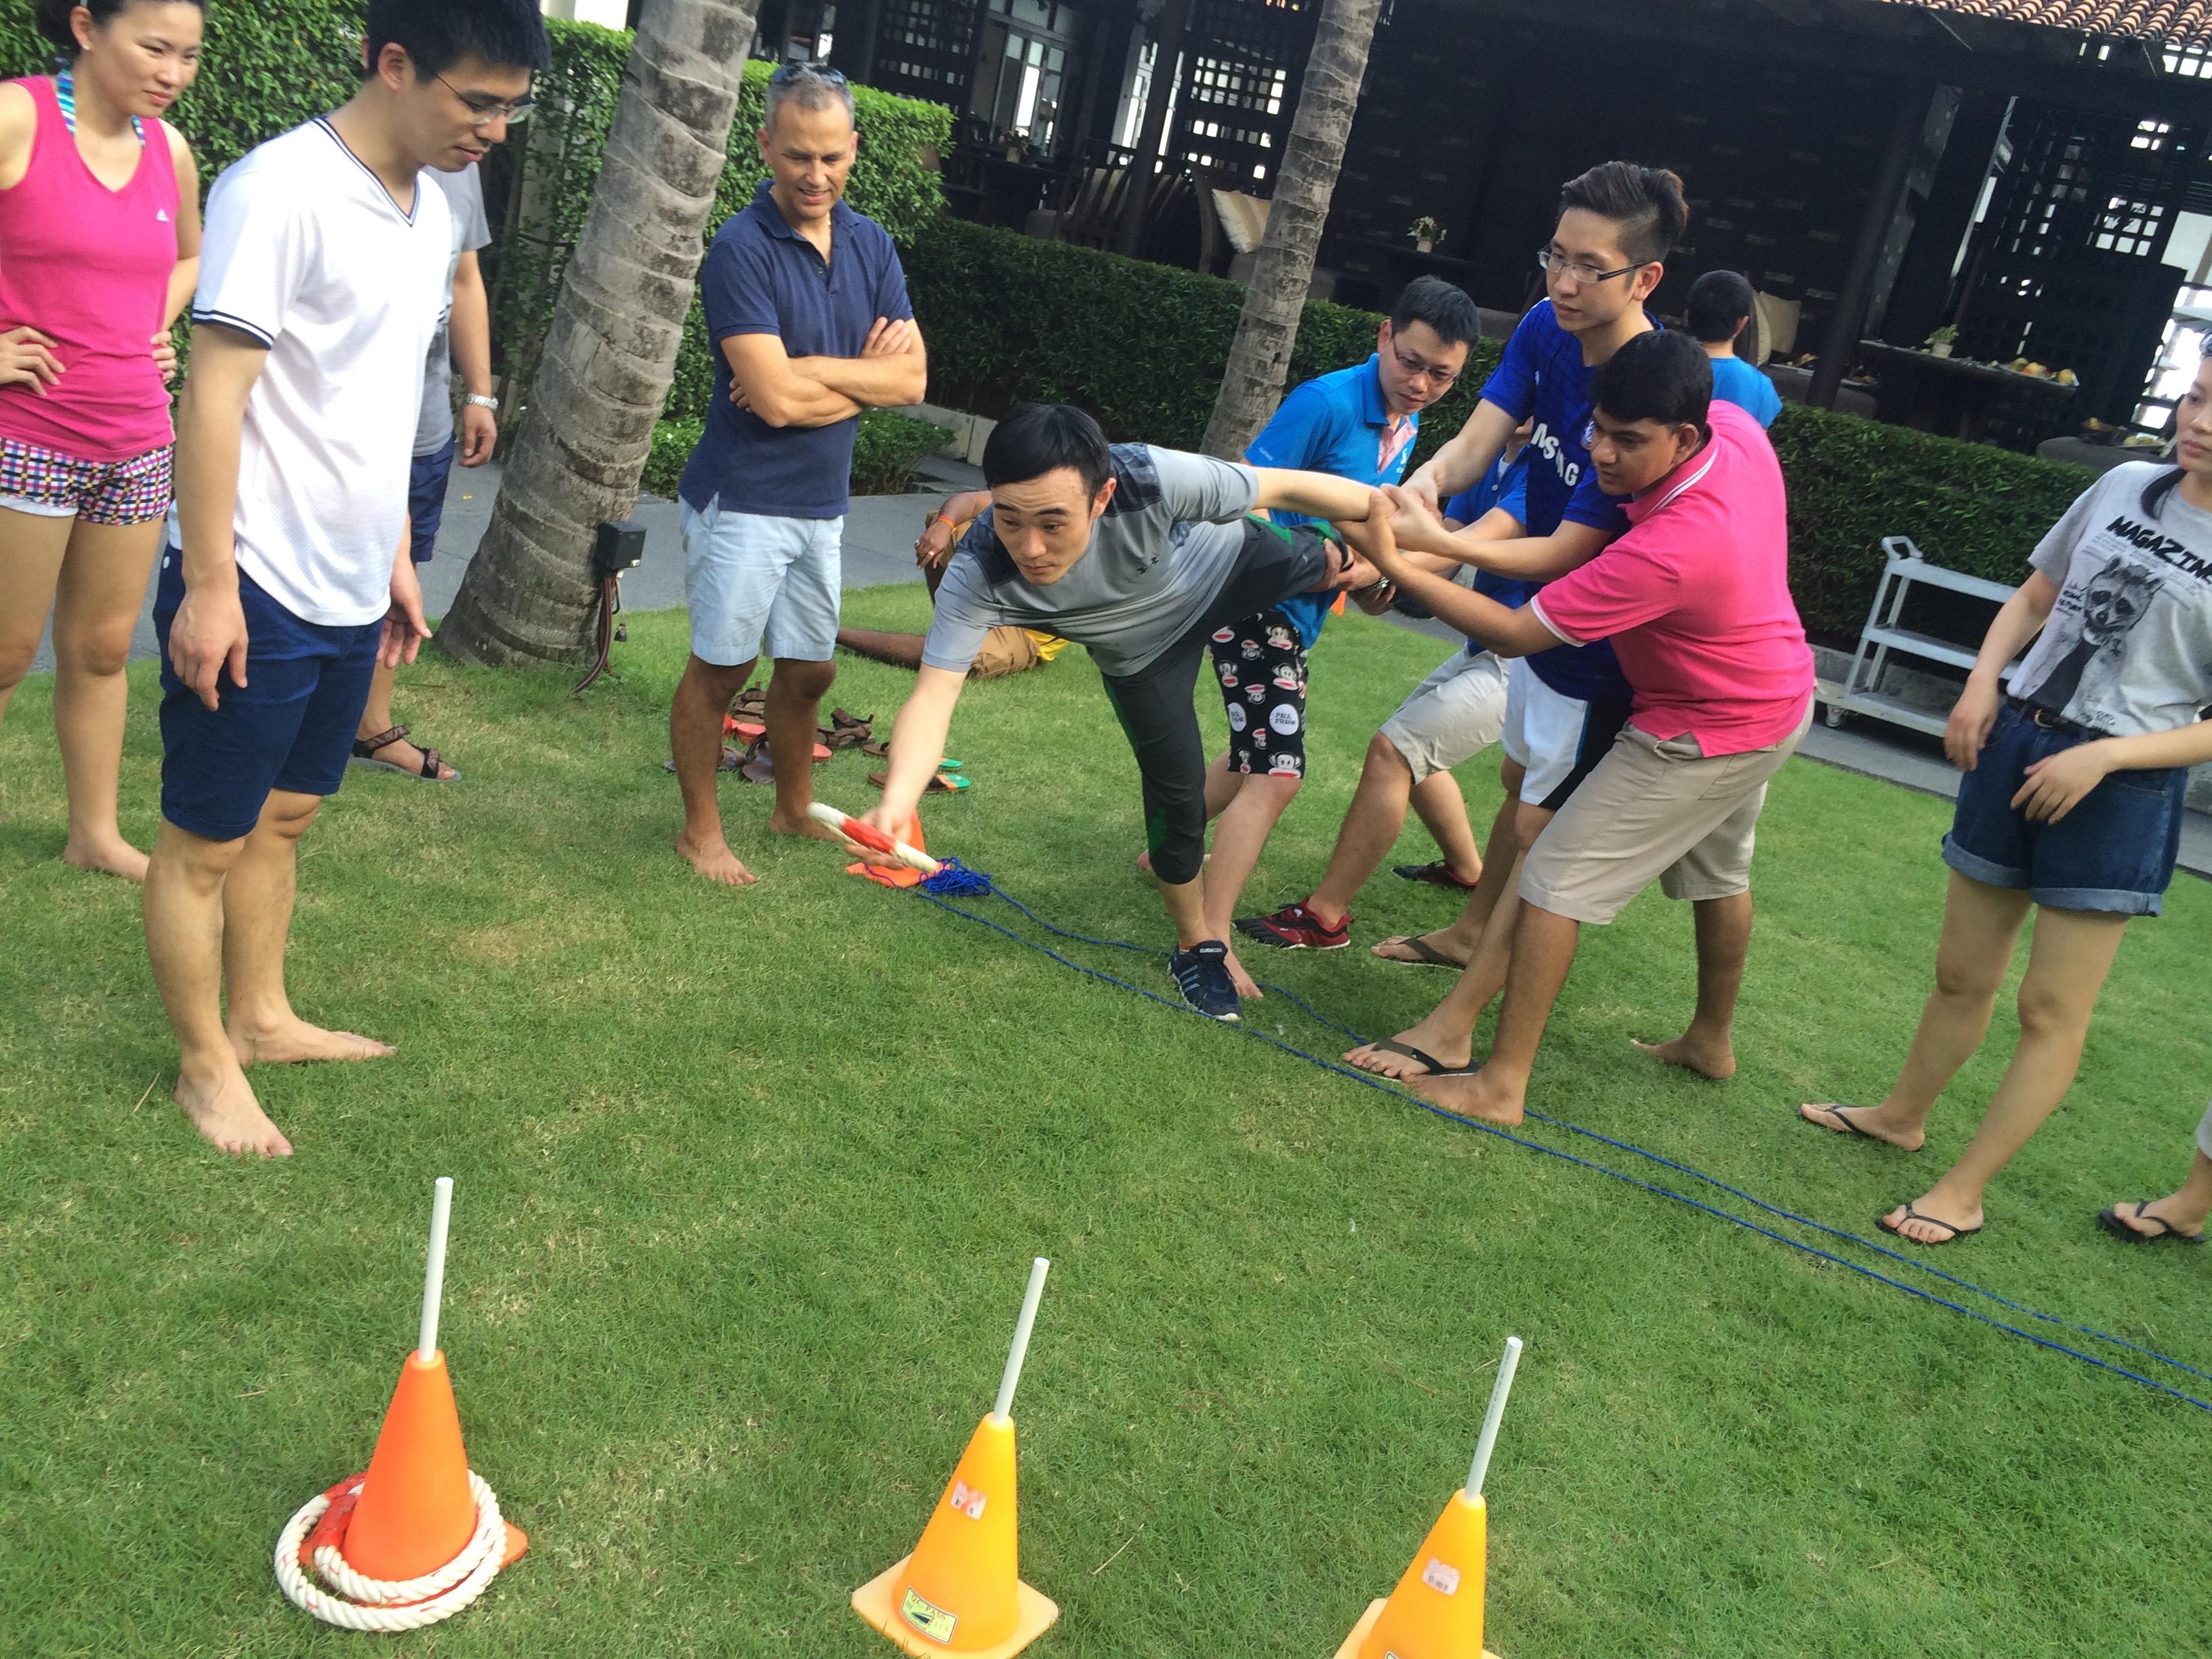 11 Extreme Sports in Bangkok - Bangkok.com Magazine